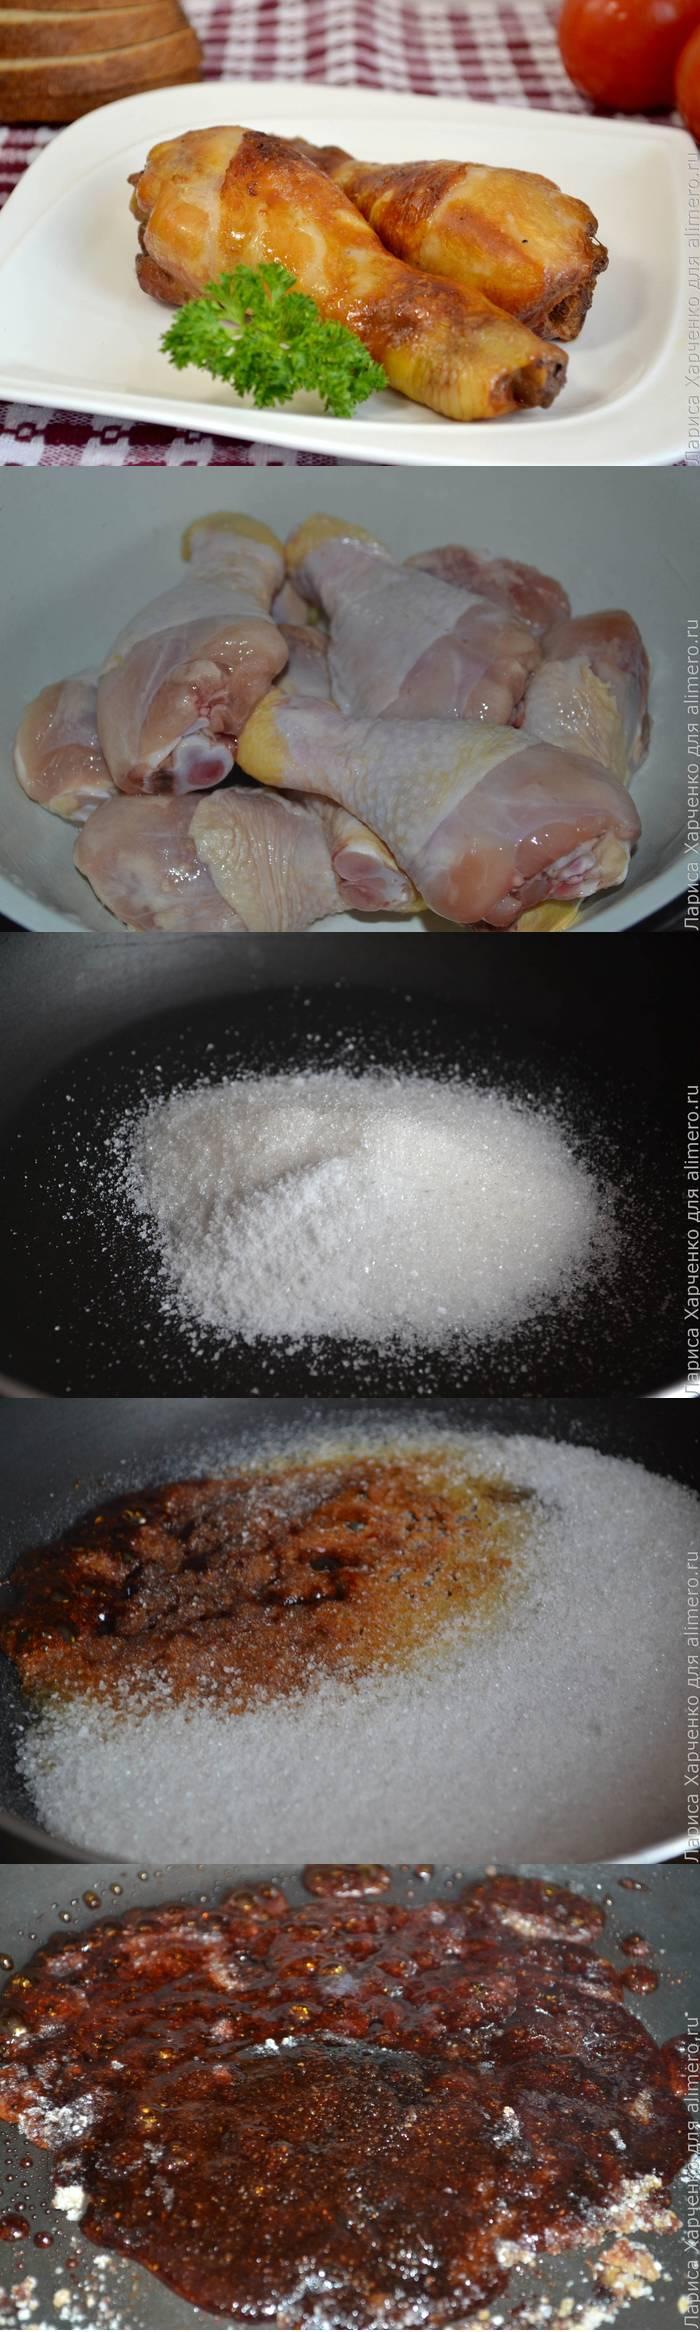 Курица в карамельном соусе